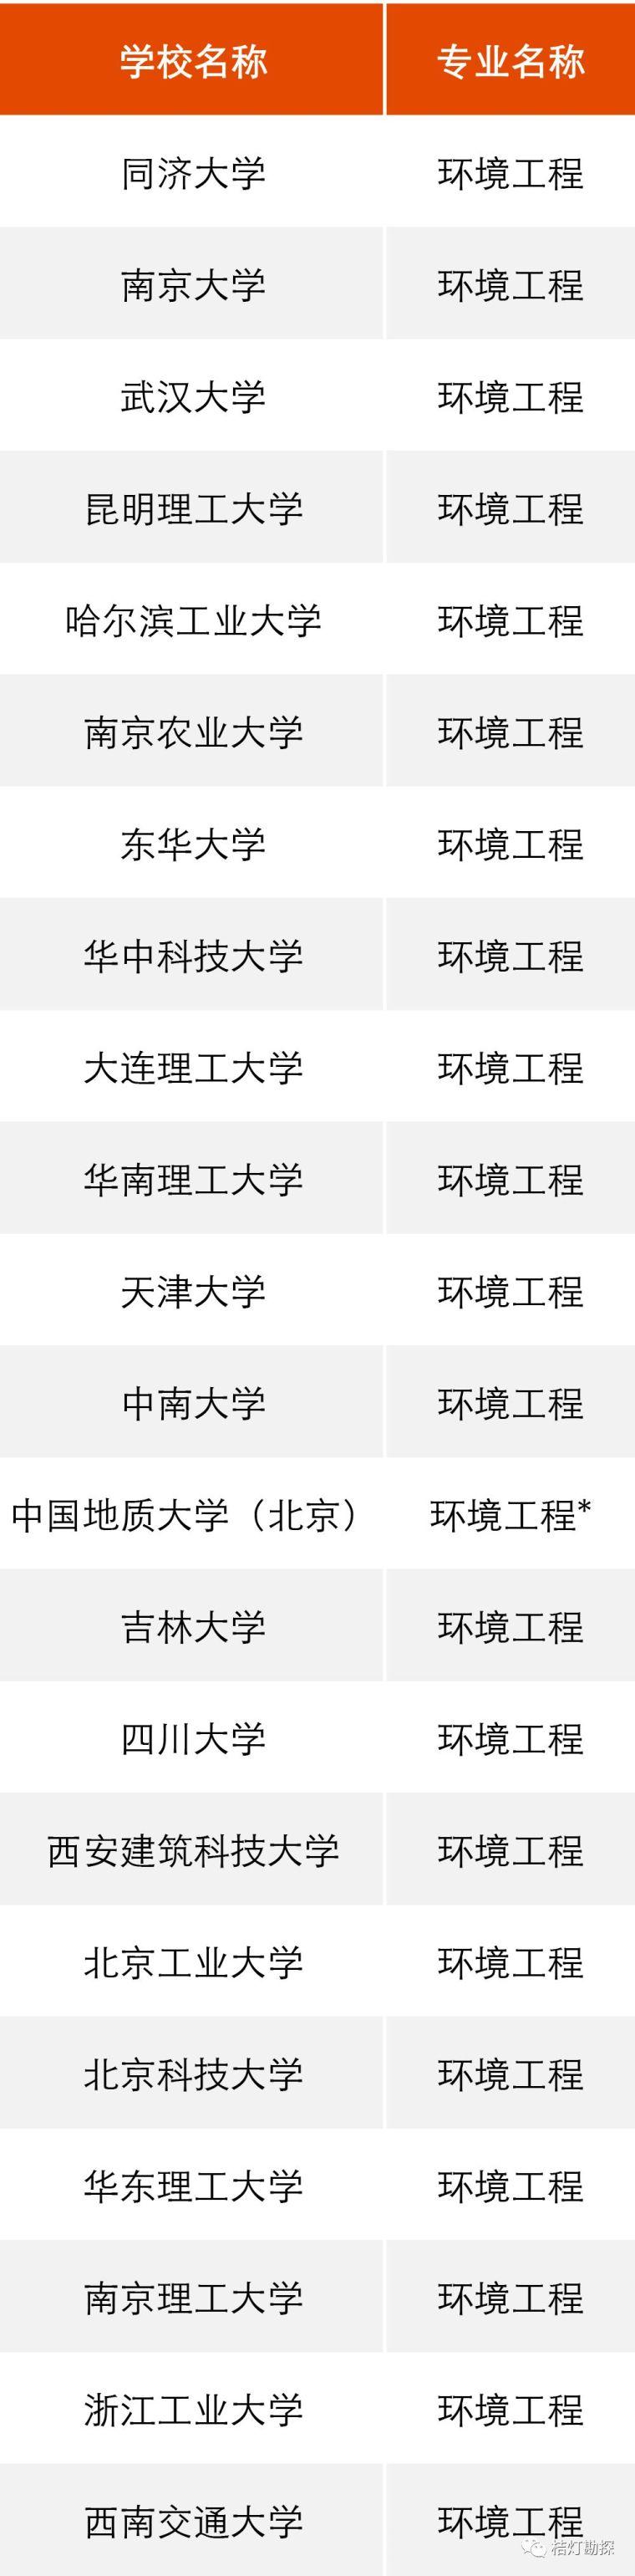 """教育部公布293个地学类工科专业进入全球""""第一方阵""""!_9"""